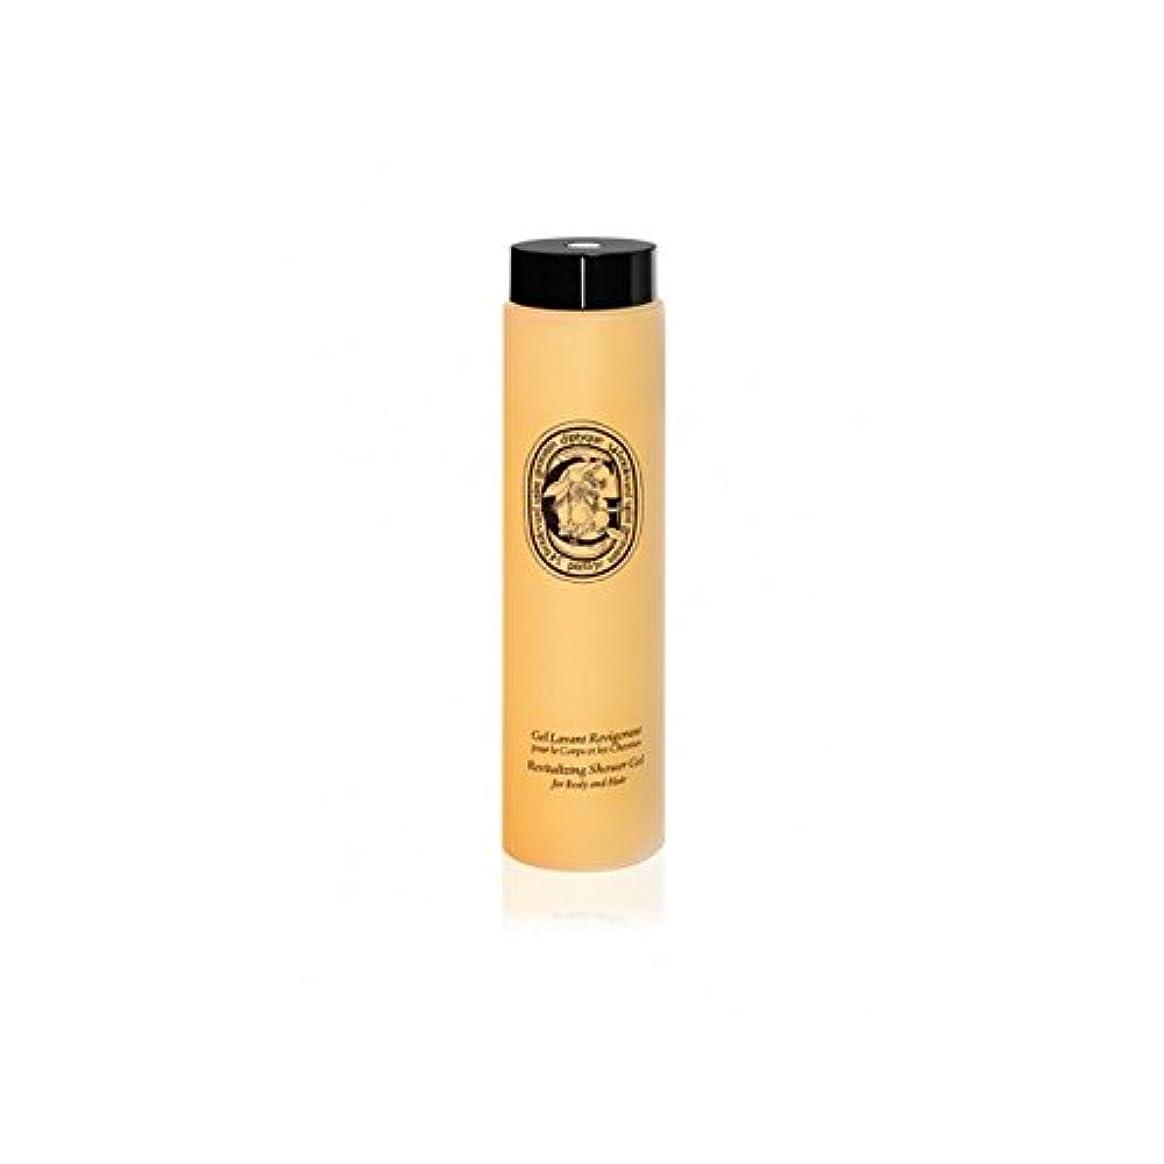 請求可能製造業句読点ボディ、ヘア200ミリリットルのためDiptyqueのリバイタライジングシャワージェル - Diptyque Revitalizing Shower Gel For Body And Hair 200ml (Diptyque...